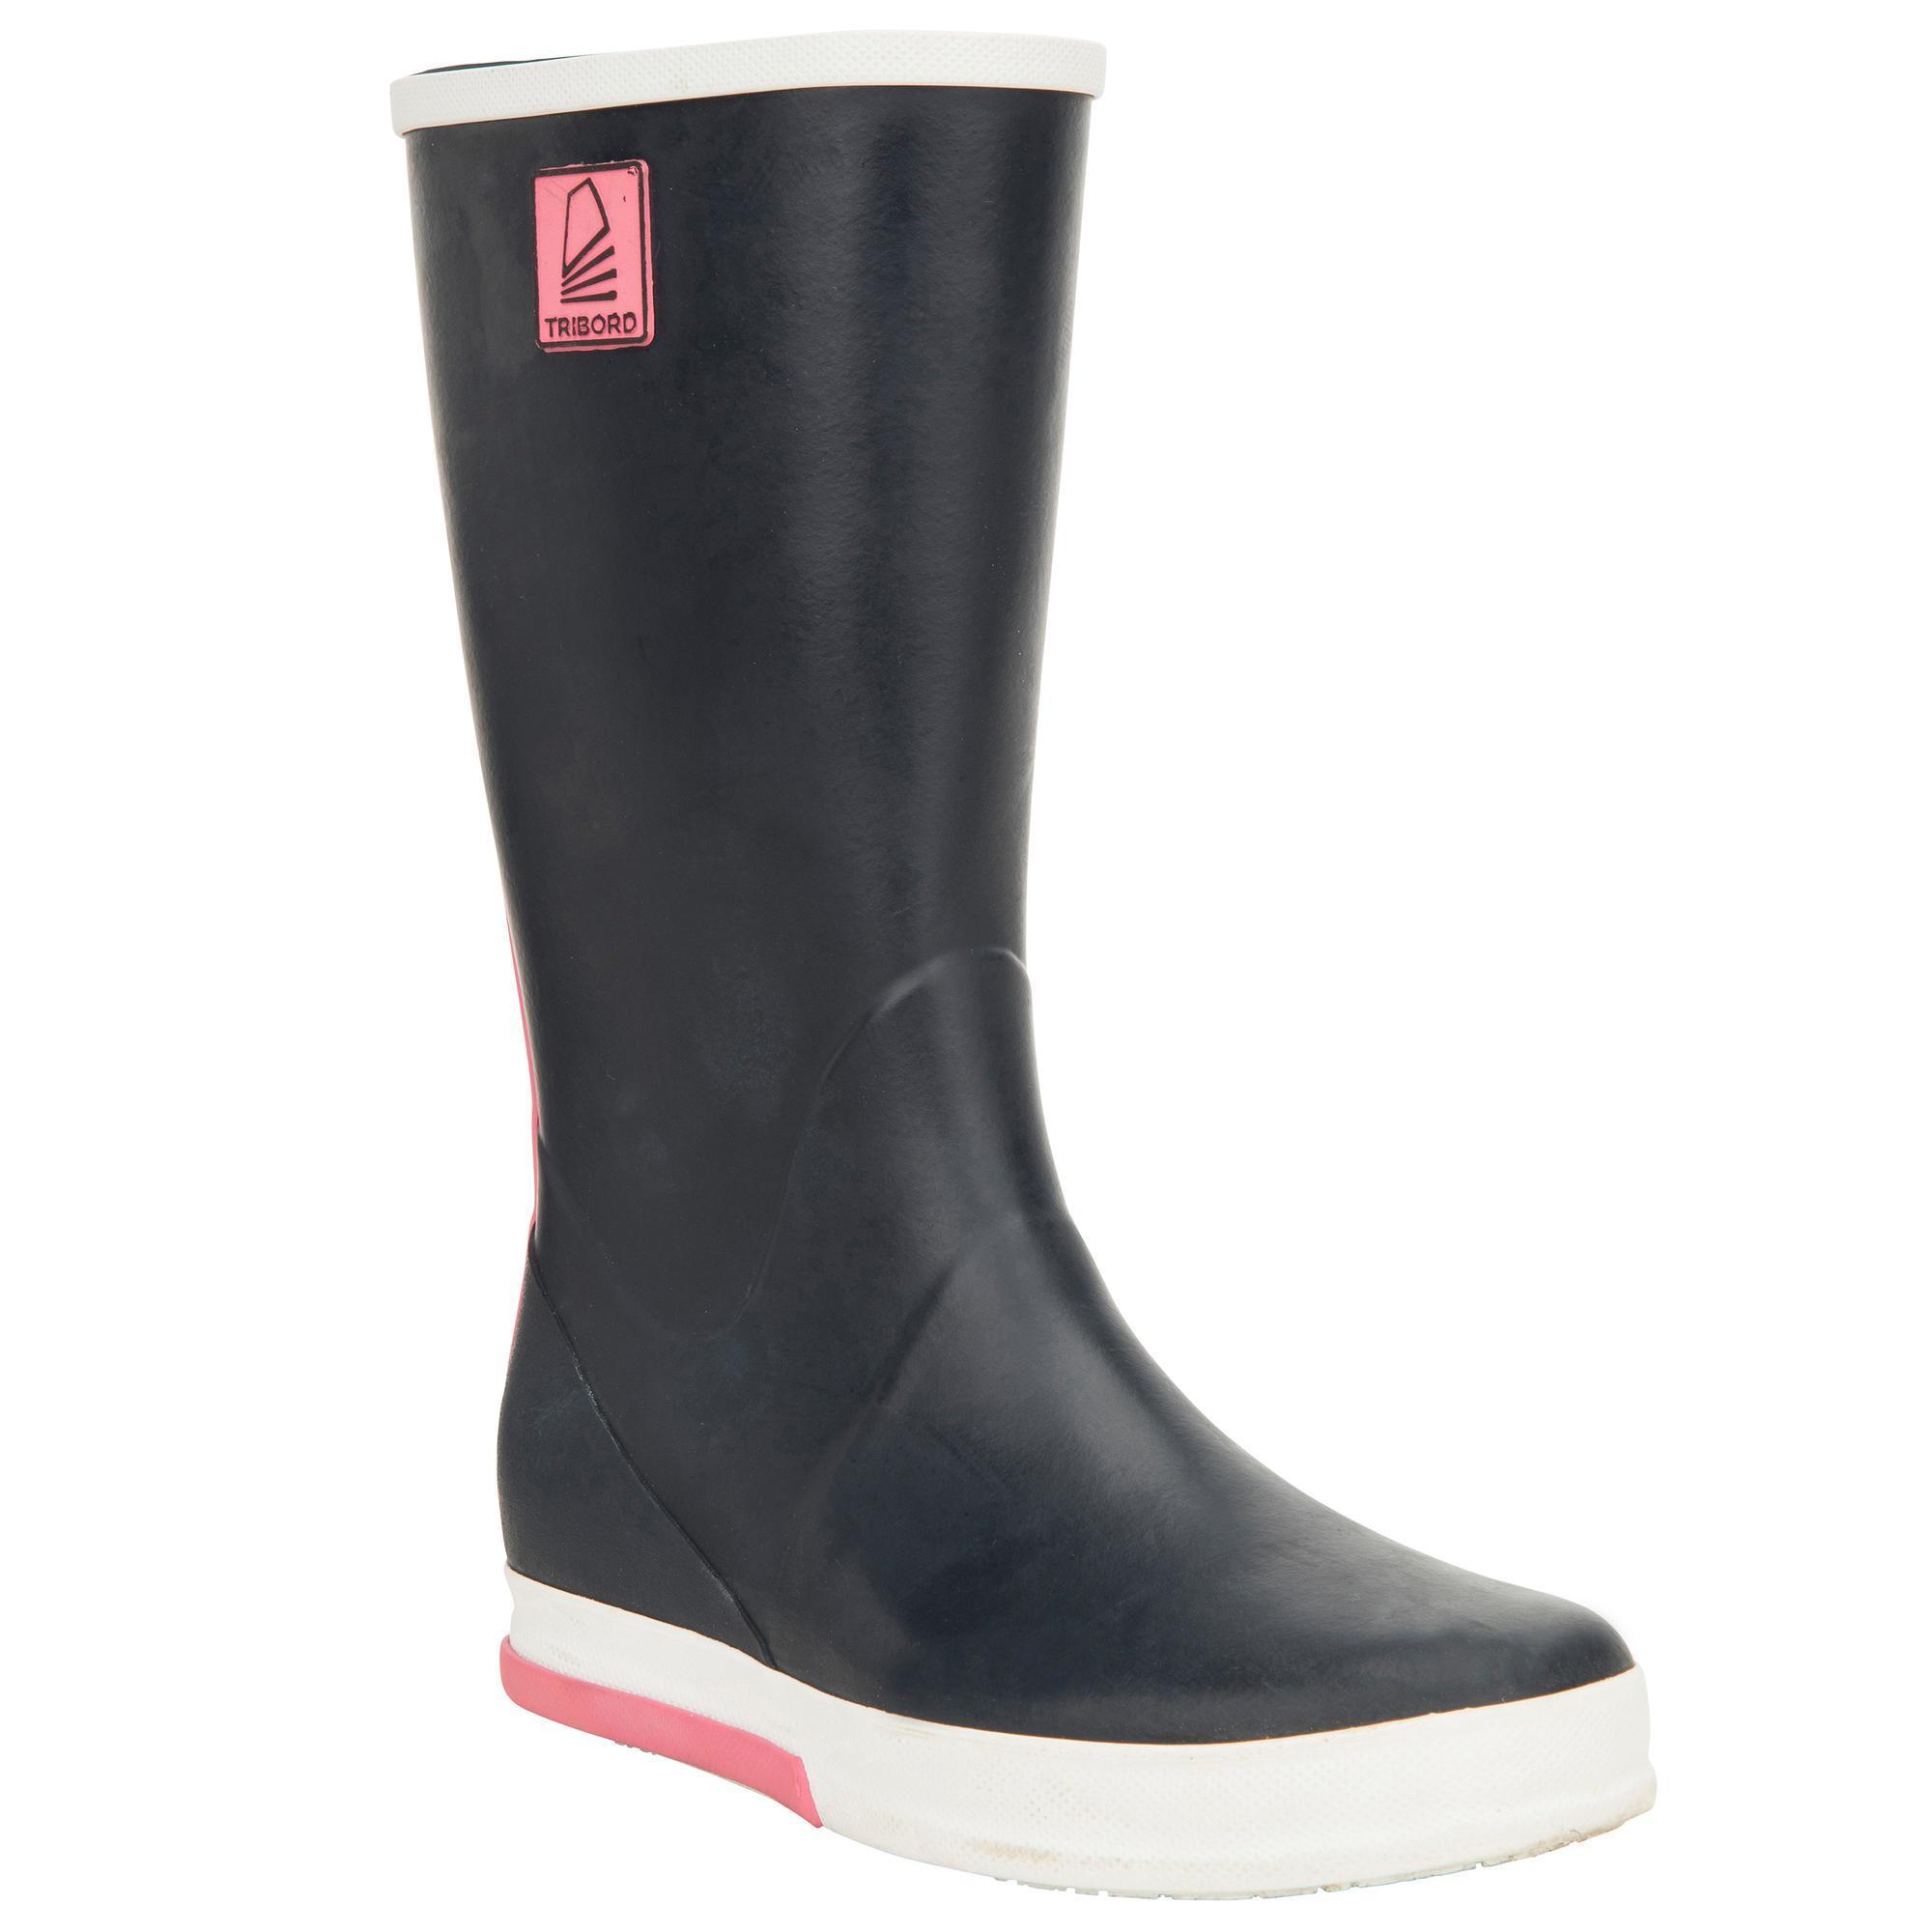 Tribord Zeillaarzen B500 voor volwassenen